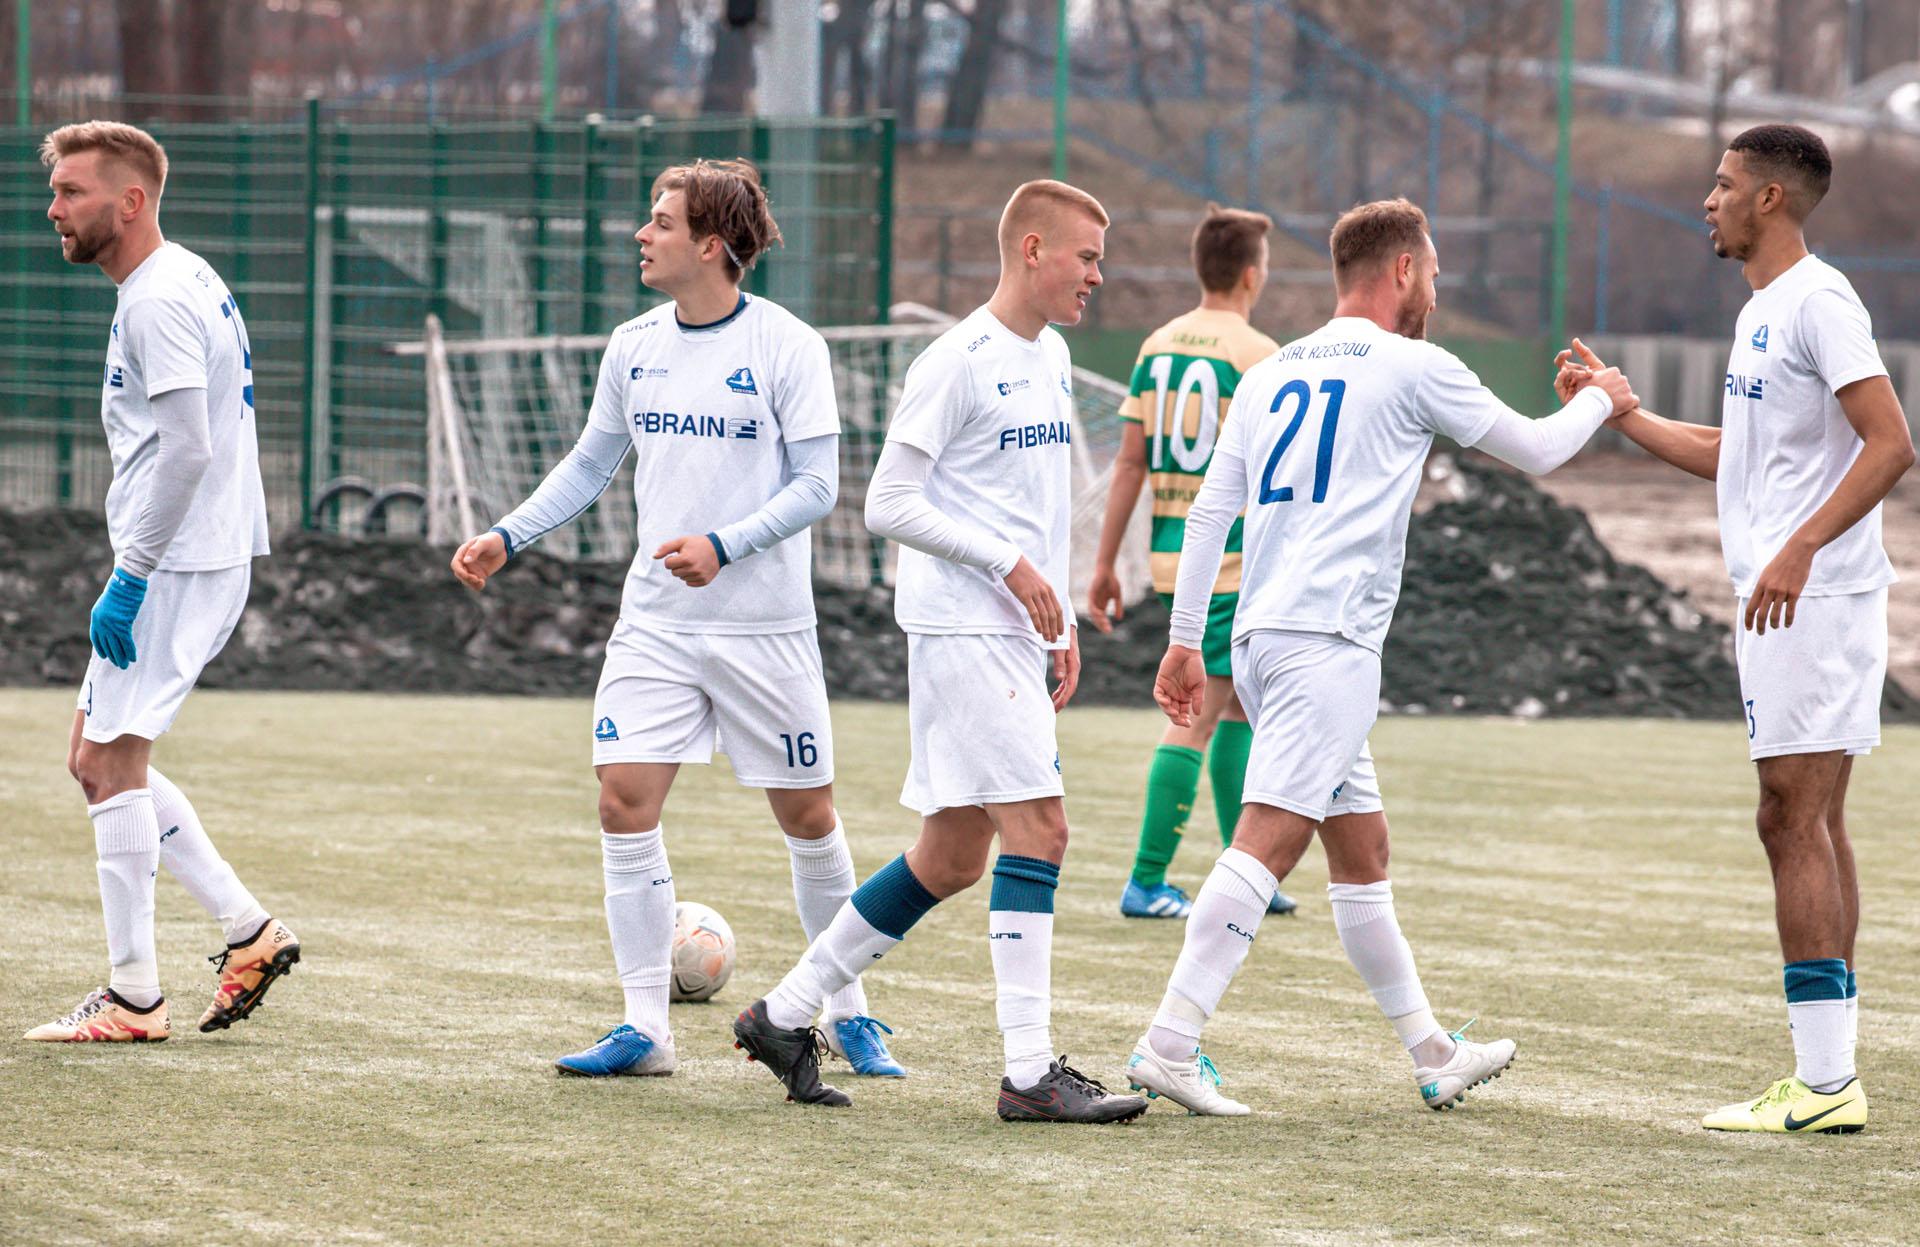 Stal II Rzeszów - Aramix Niebylec, 13-03-2021, fot K.Krupa